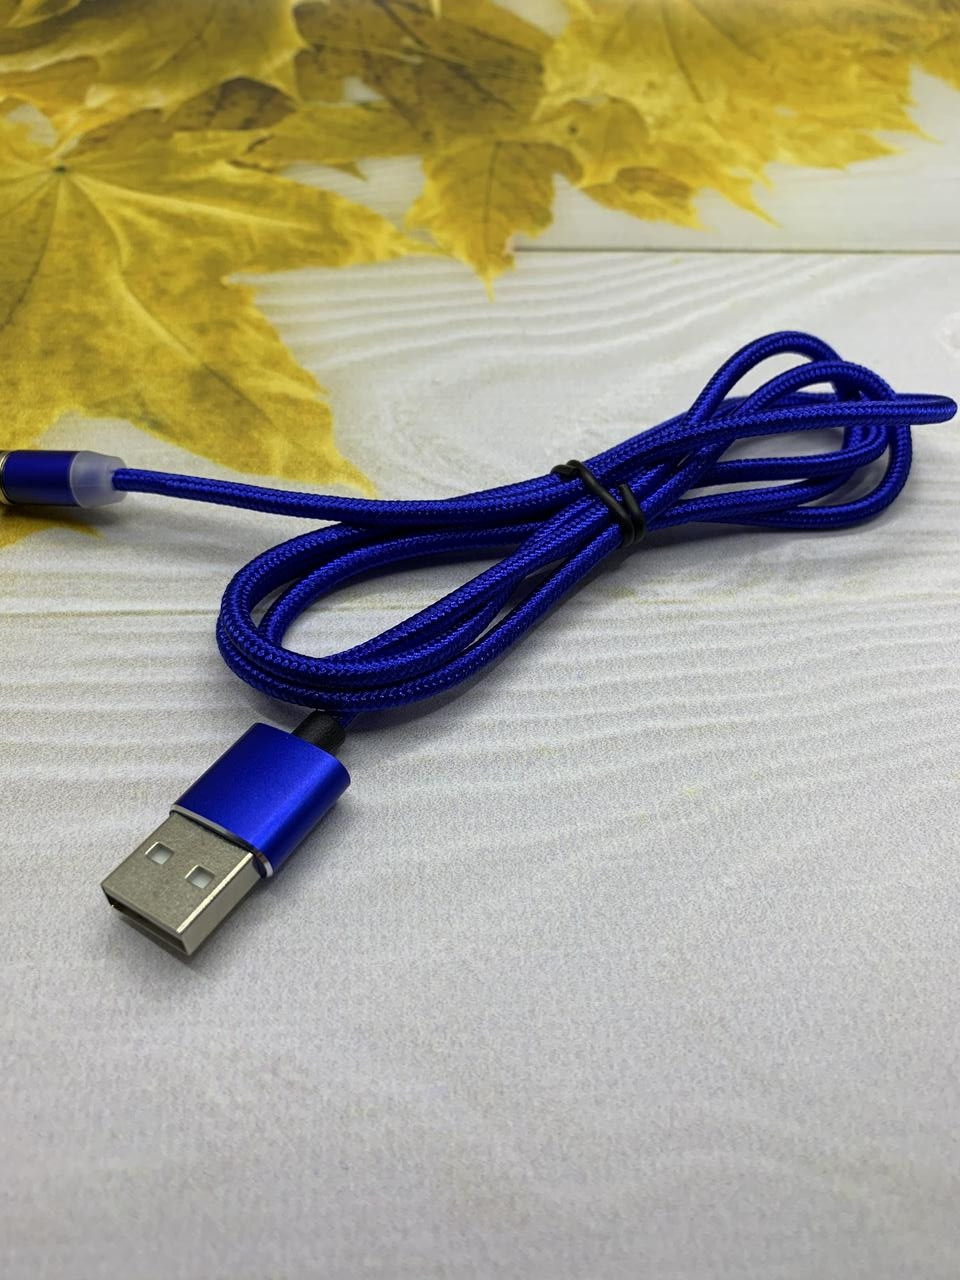 Магнитный Micro USB кабель 1метр зарядный шнур с подсветкой